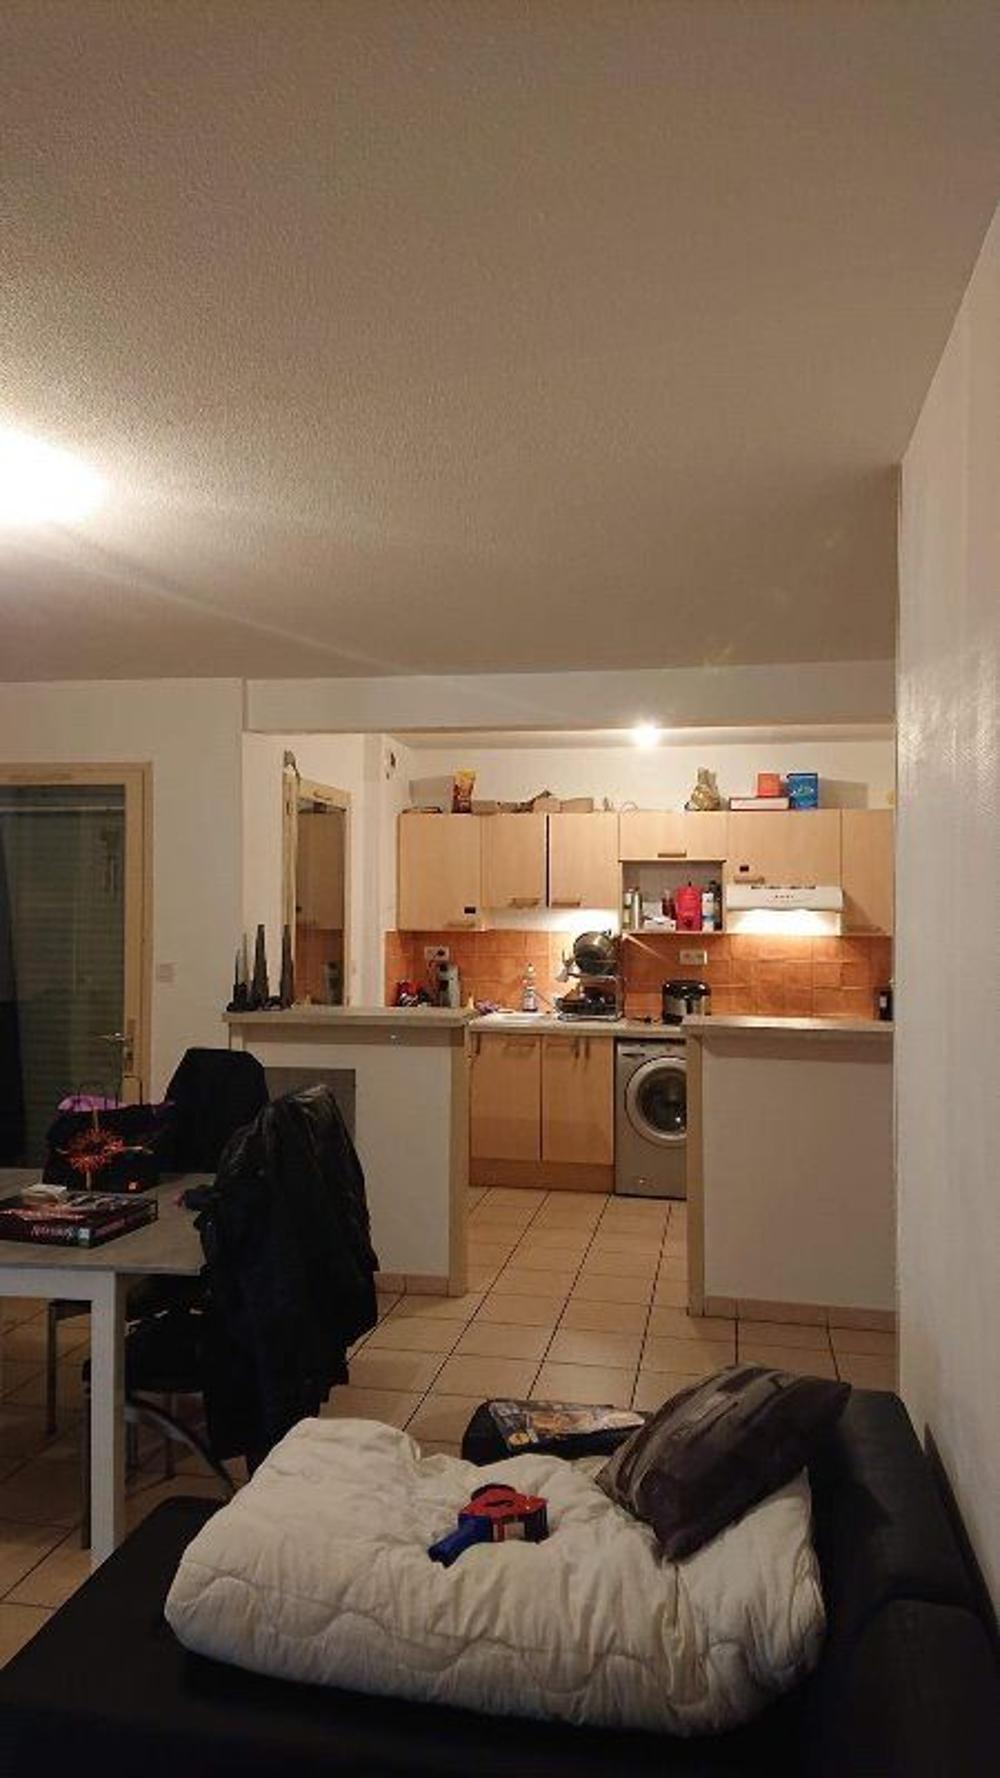 kaufen Apartment Castelsarrasin Midi-Pyrénées 1